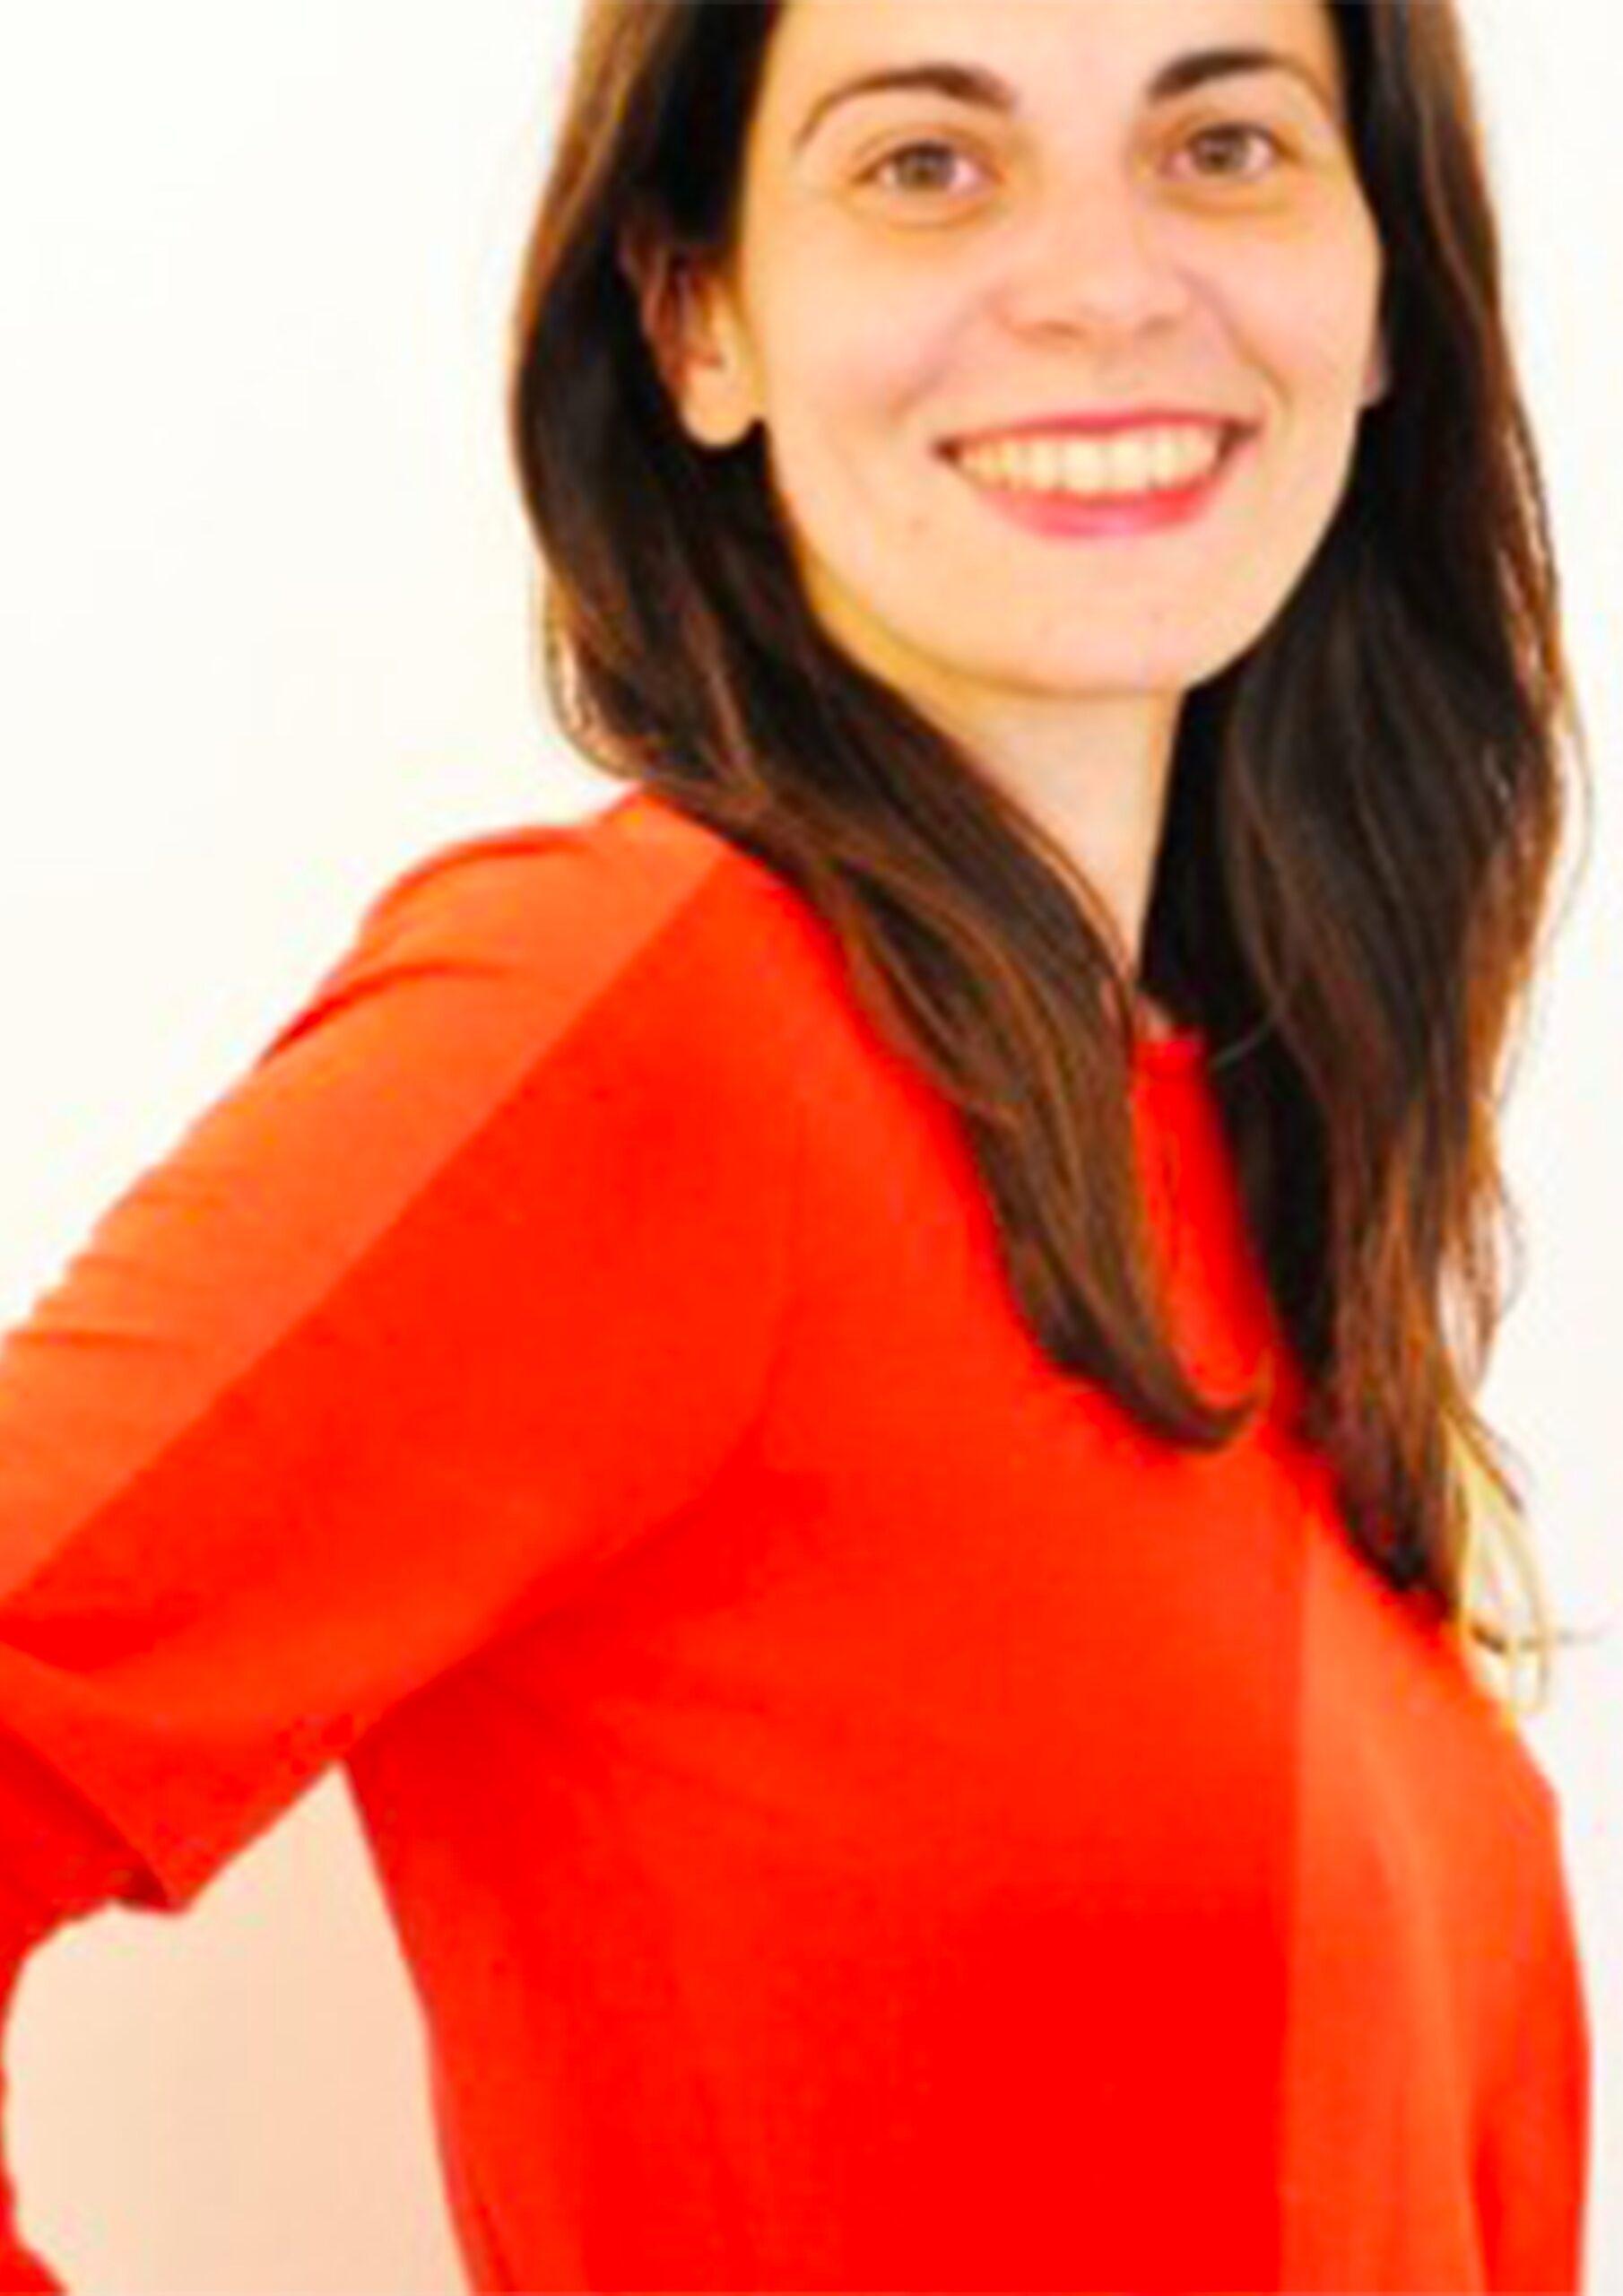 Foto-di-una-delle-Membri-di-demixgroup-Giuliana-Mancini